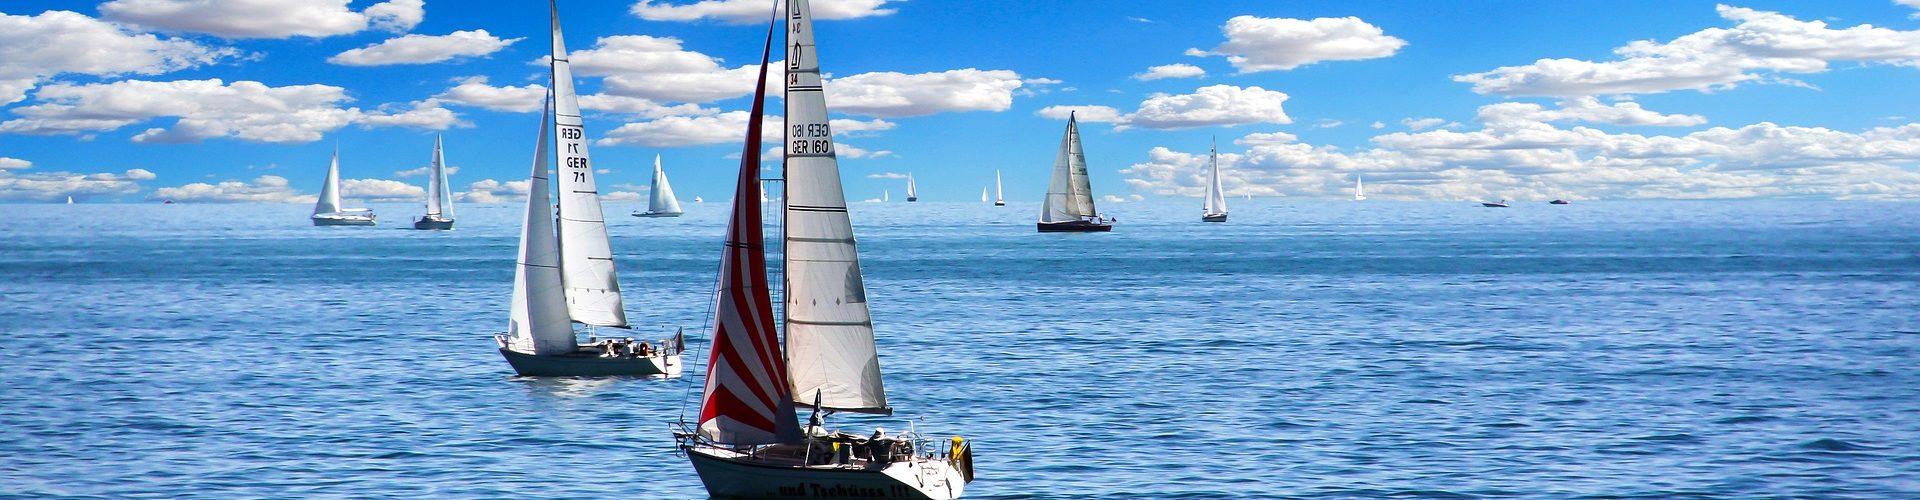 segeln lernen in Pinneberg segelschein machen in Pinneberg 1920x500 - Segeln lernen in Pinneberg